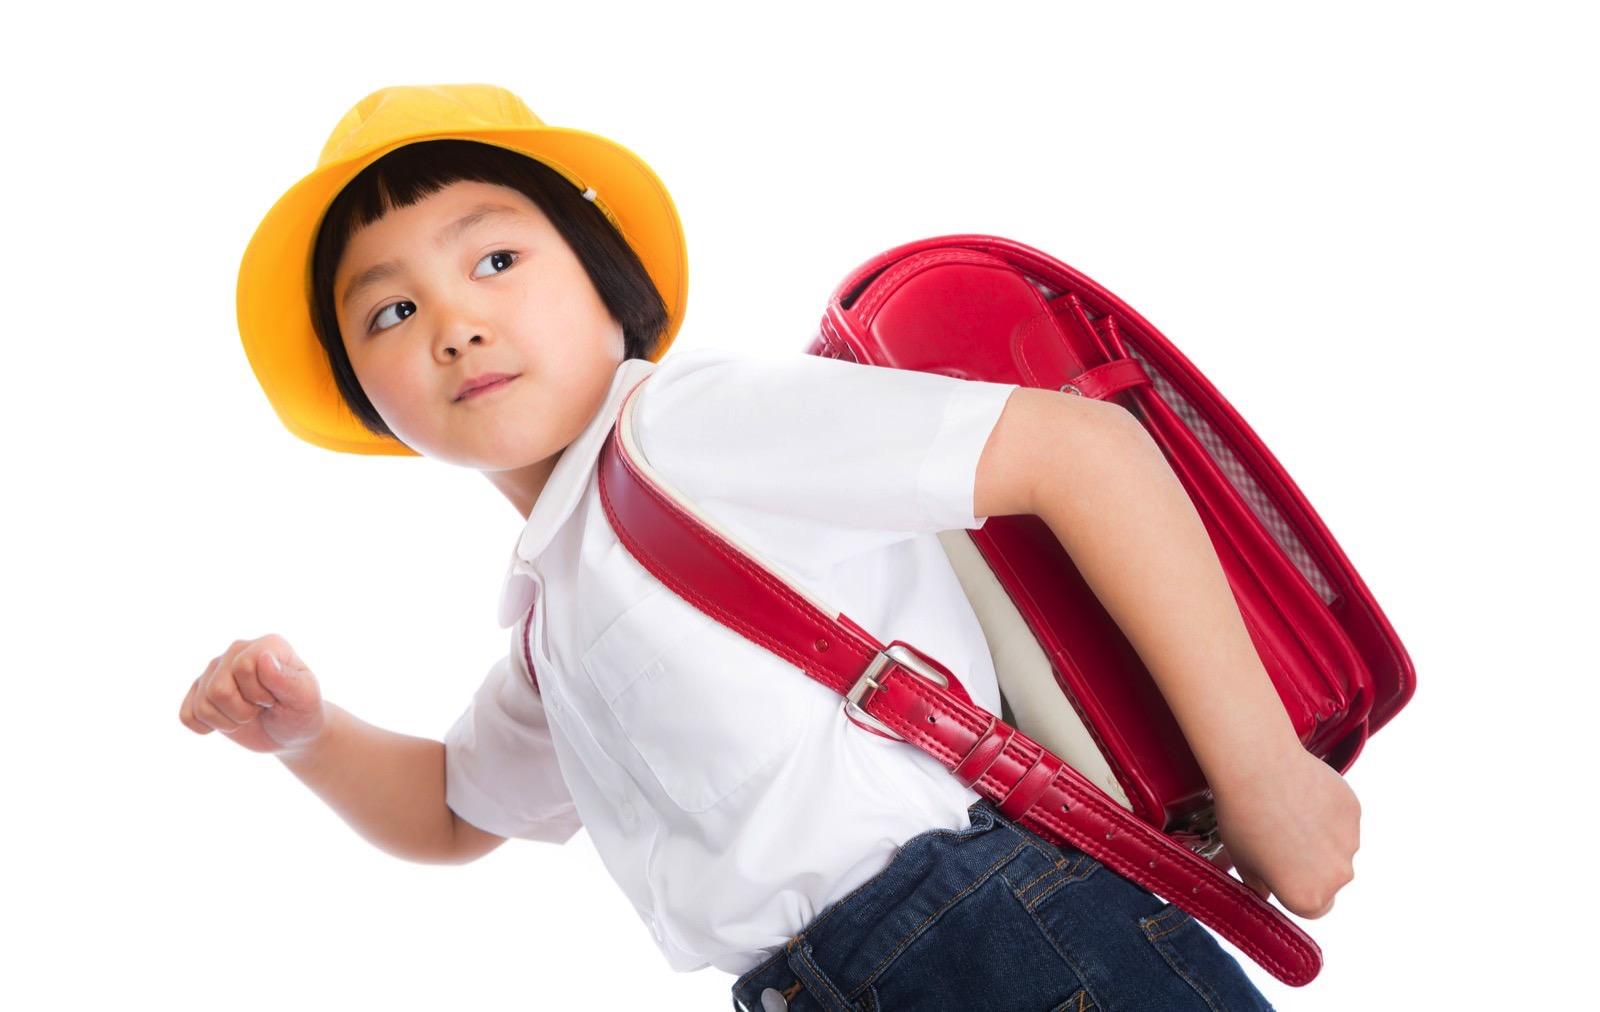 YUKI86_gakkoudash15120132_TP_V-bag-girl-pakuaso.jpg